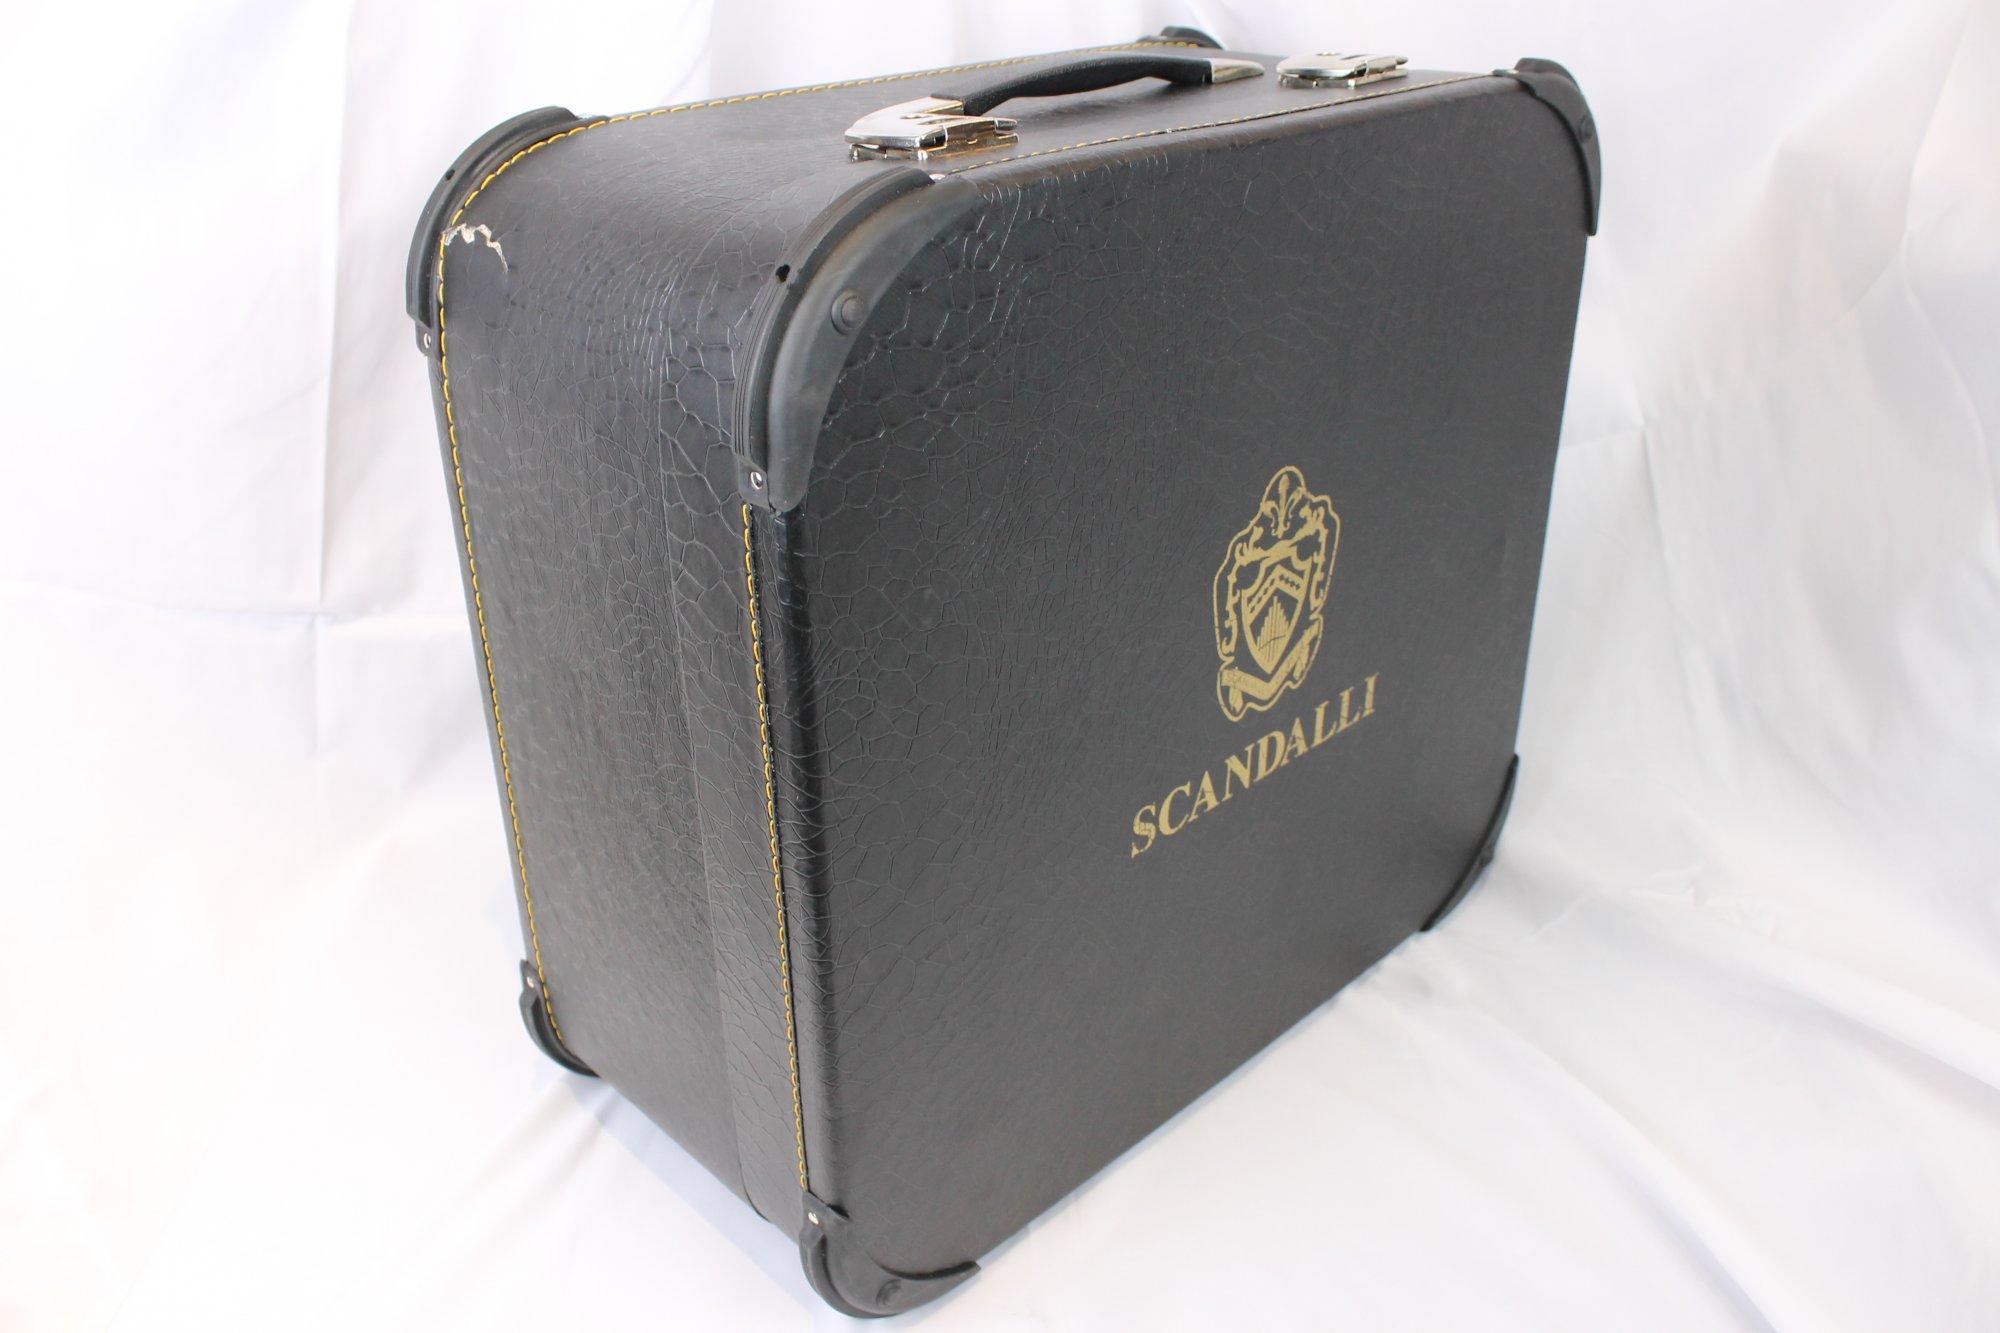 NEW Black Scandalli Air I Accordion Hard Case 20.25 x 19 x 9